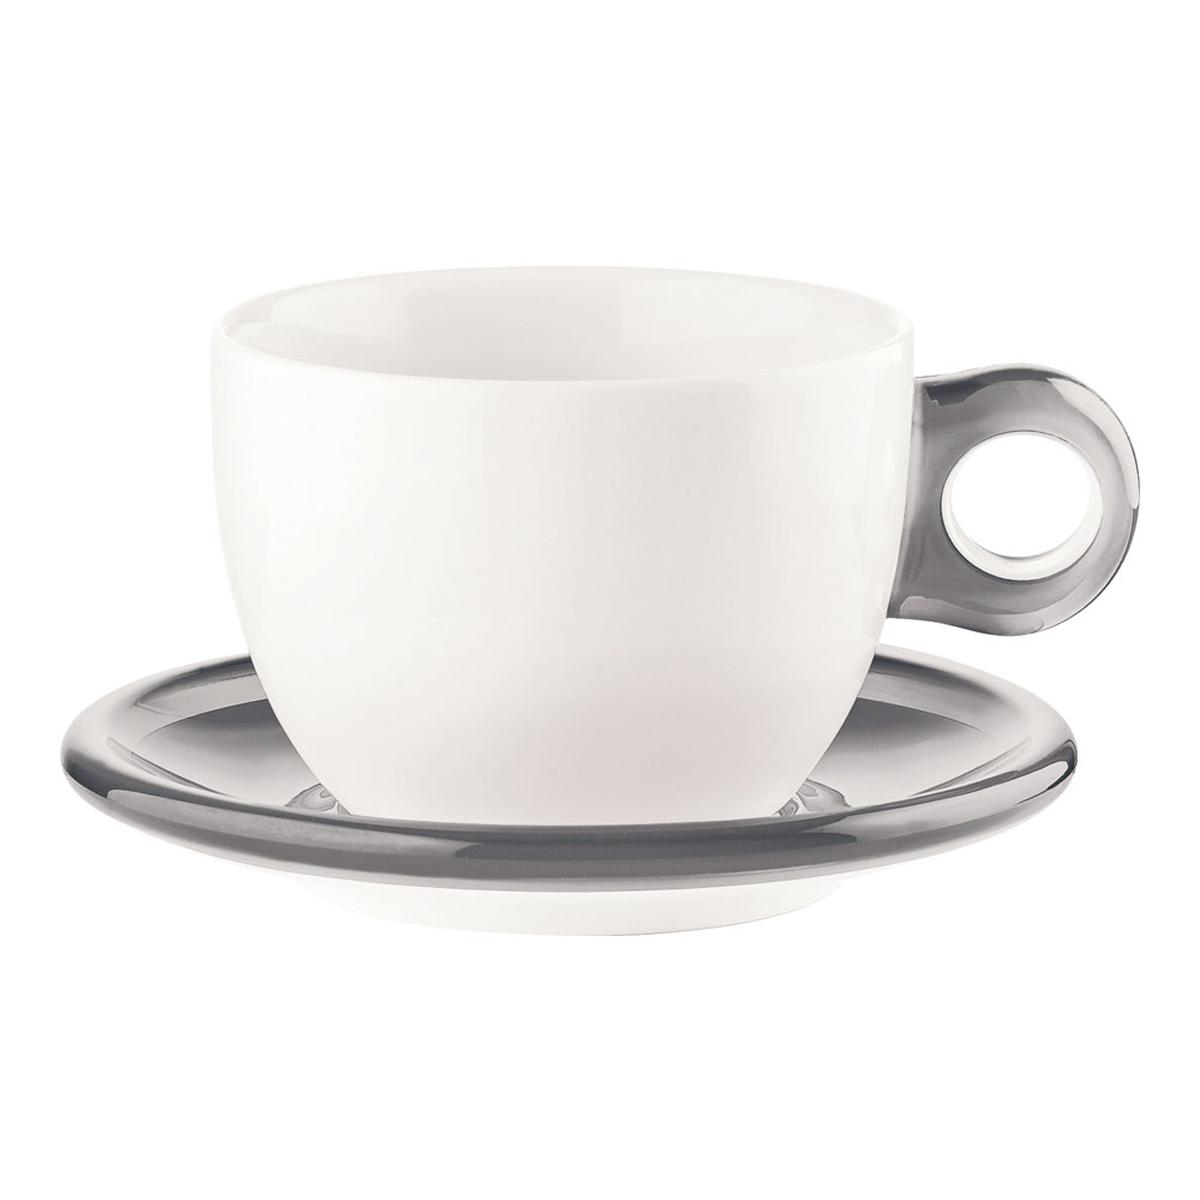 ゴッチェ ブレックファーストカップ2P 2775.0092 グレー 6-2147-0404【卓上用品 グラス 食器 洋食器 コーヒー ティーカップ 業務用 販売 通販】[10P03Dec16]